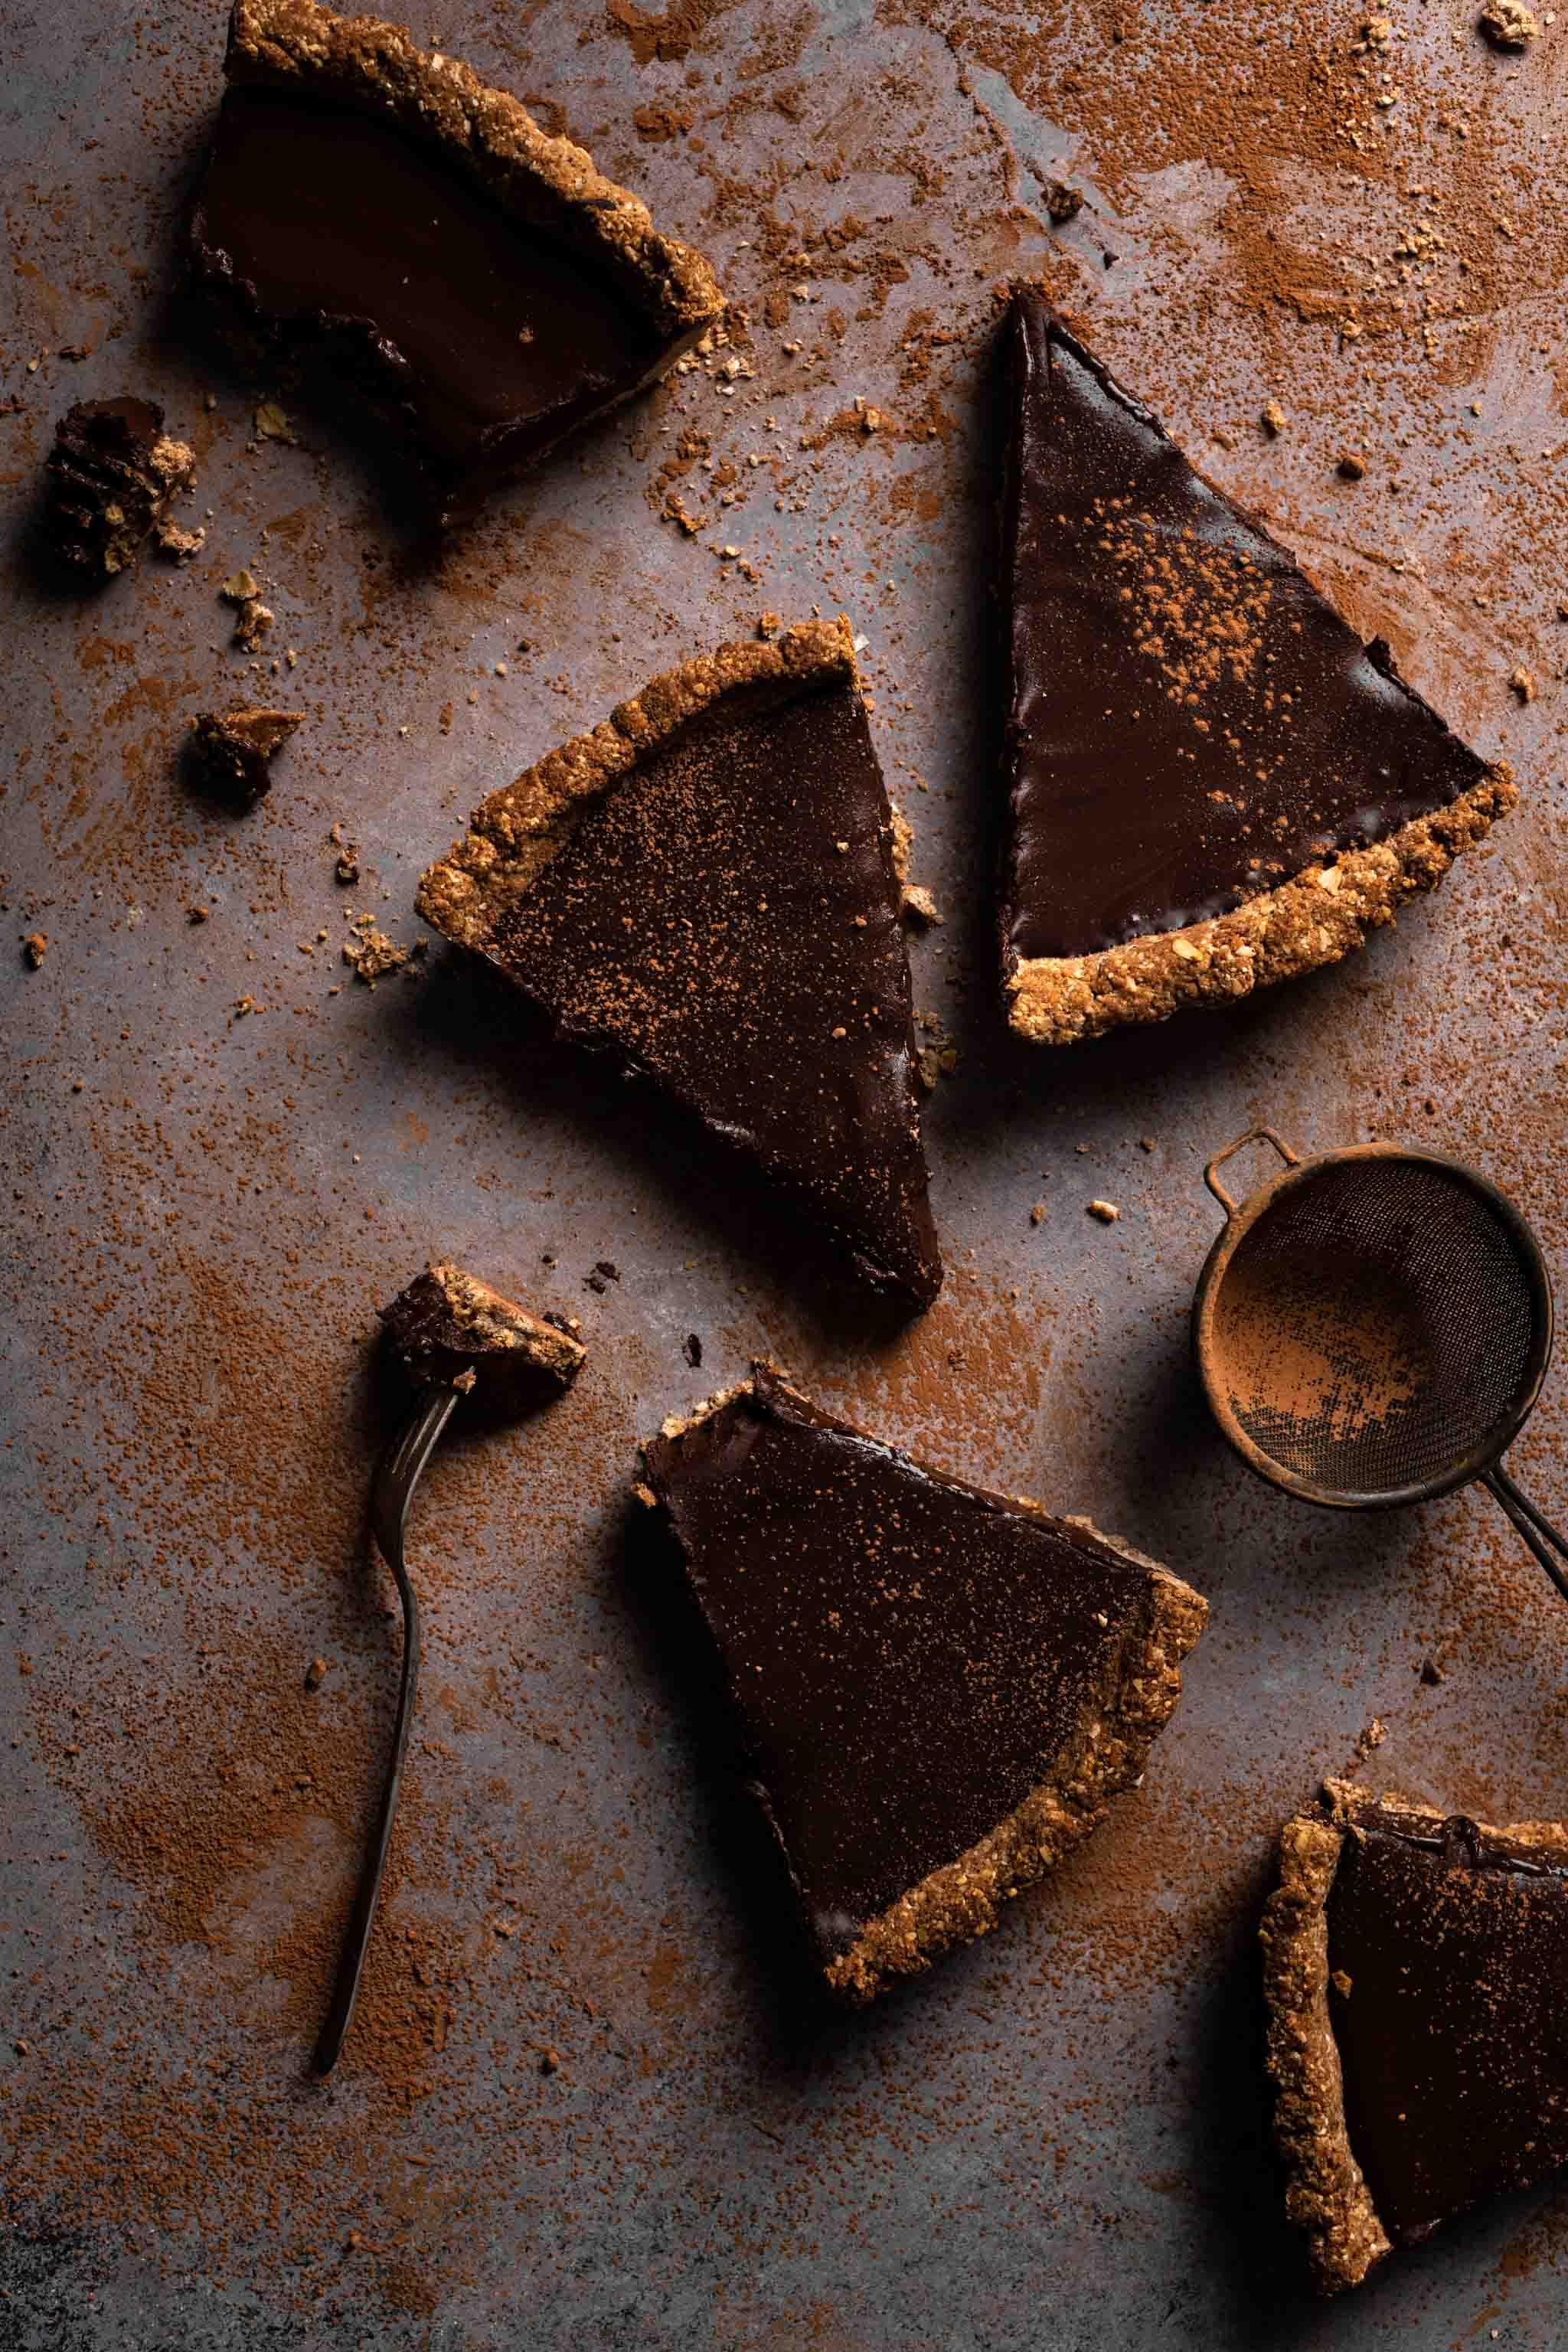 Gluten Free and Vegan Chocolate Tart with chocolate ganache